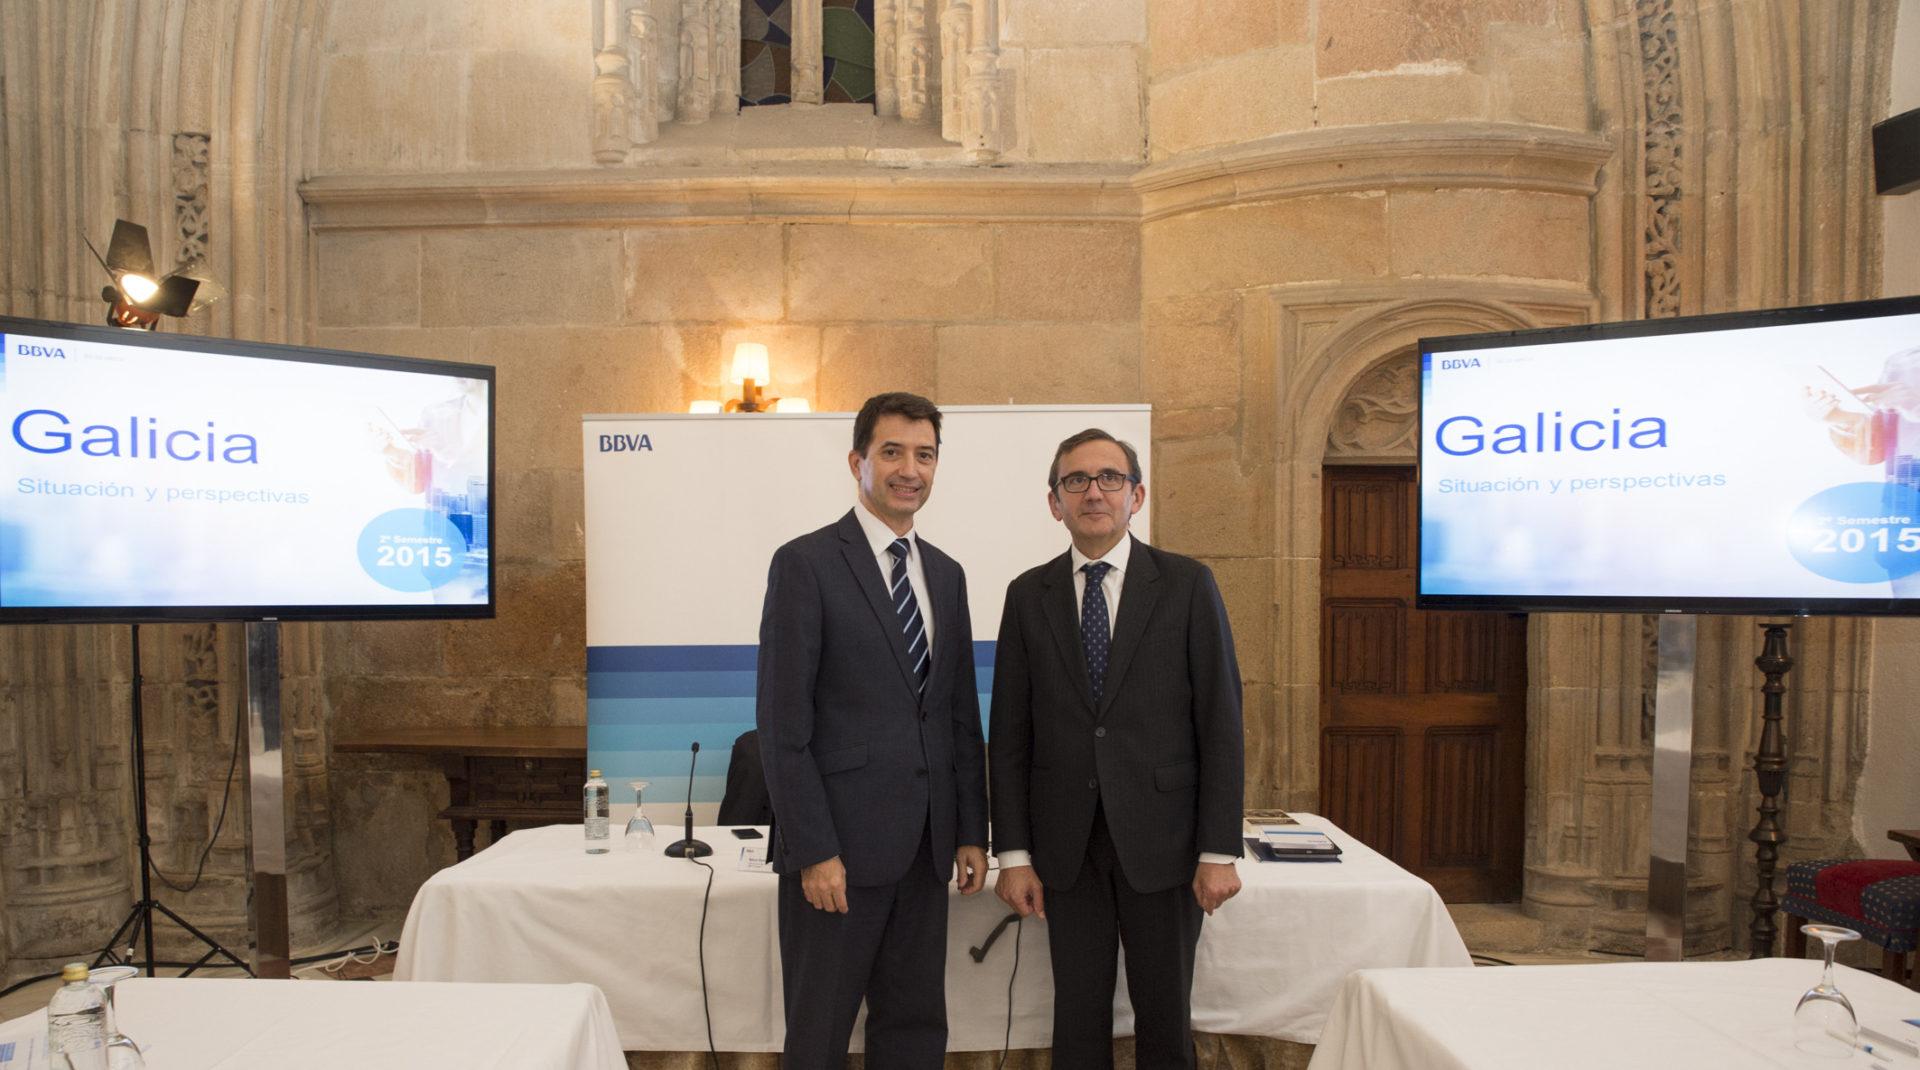 Rafael Domenech y Juan Carlos Hidalgo Informe Situación Galicia 2S15